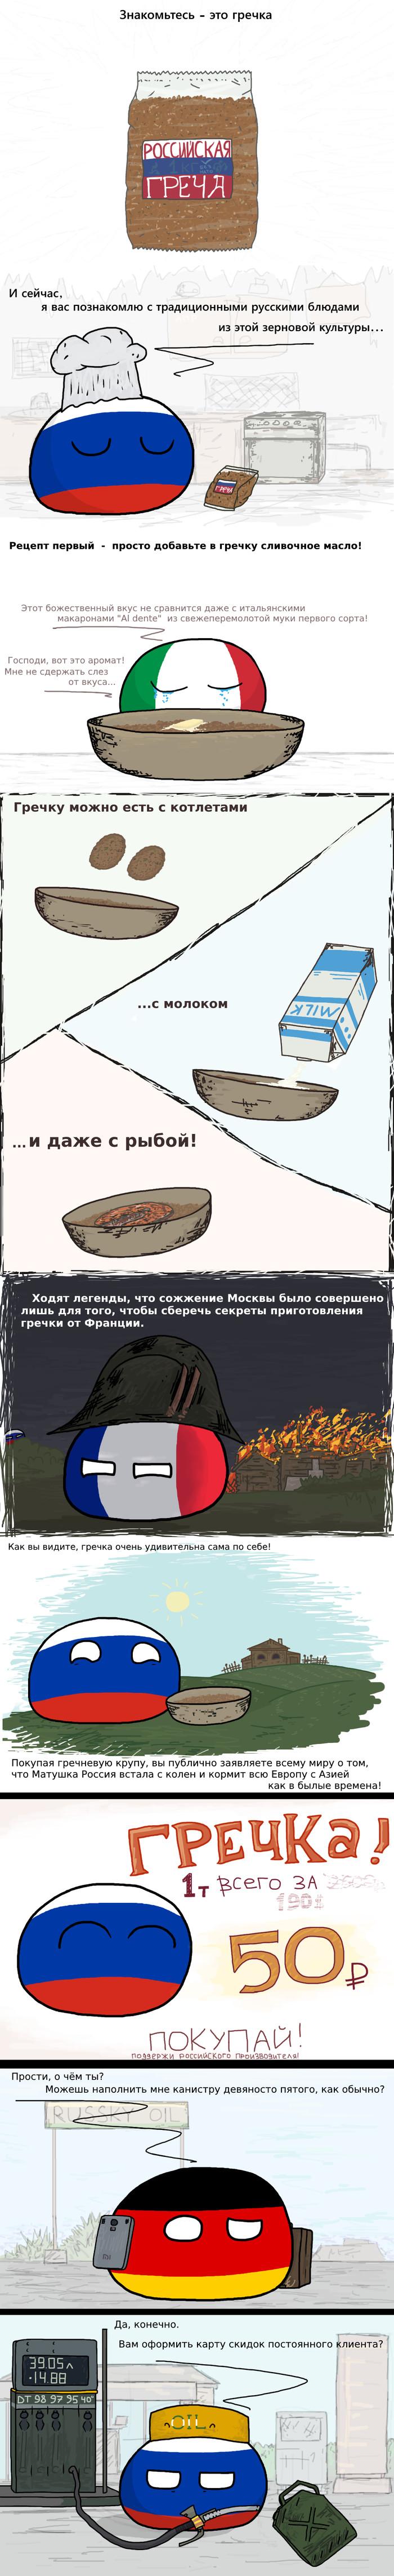 Гречка   Countryballs Countryballs, Россия, Веб-Комикс, Нефть, Длиннопост